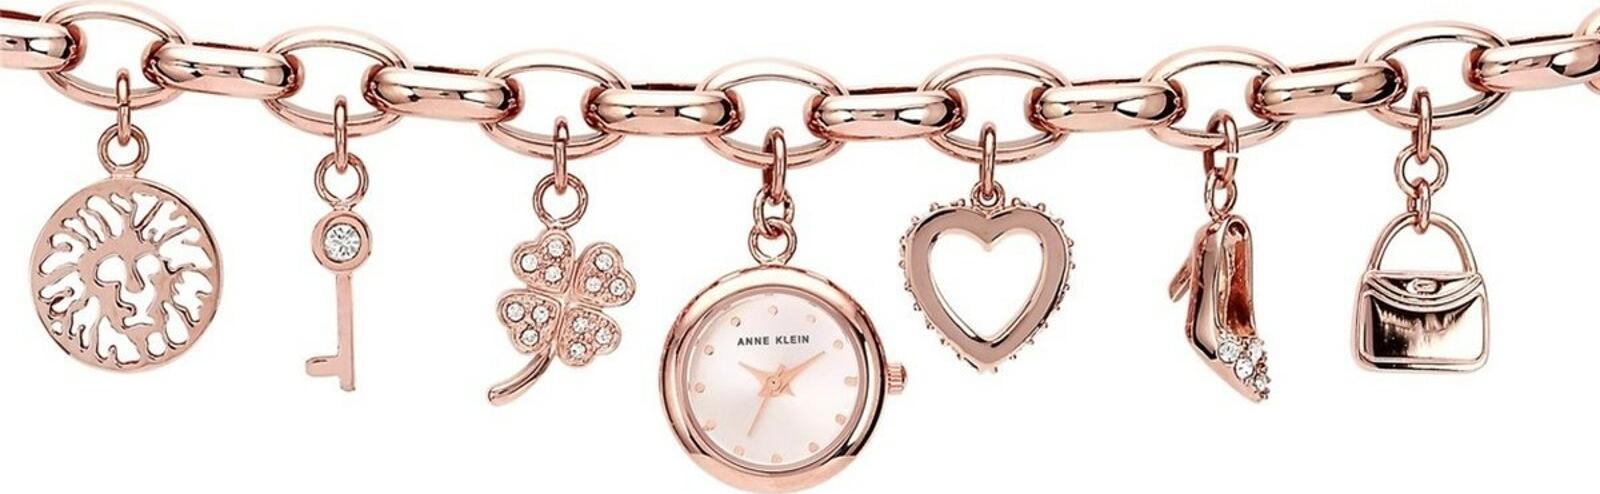 Đồng hồ thời trang dạng lắc ANNE KLEIN 10/7604CHRG